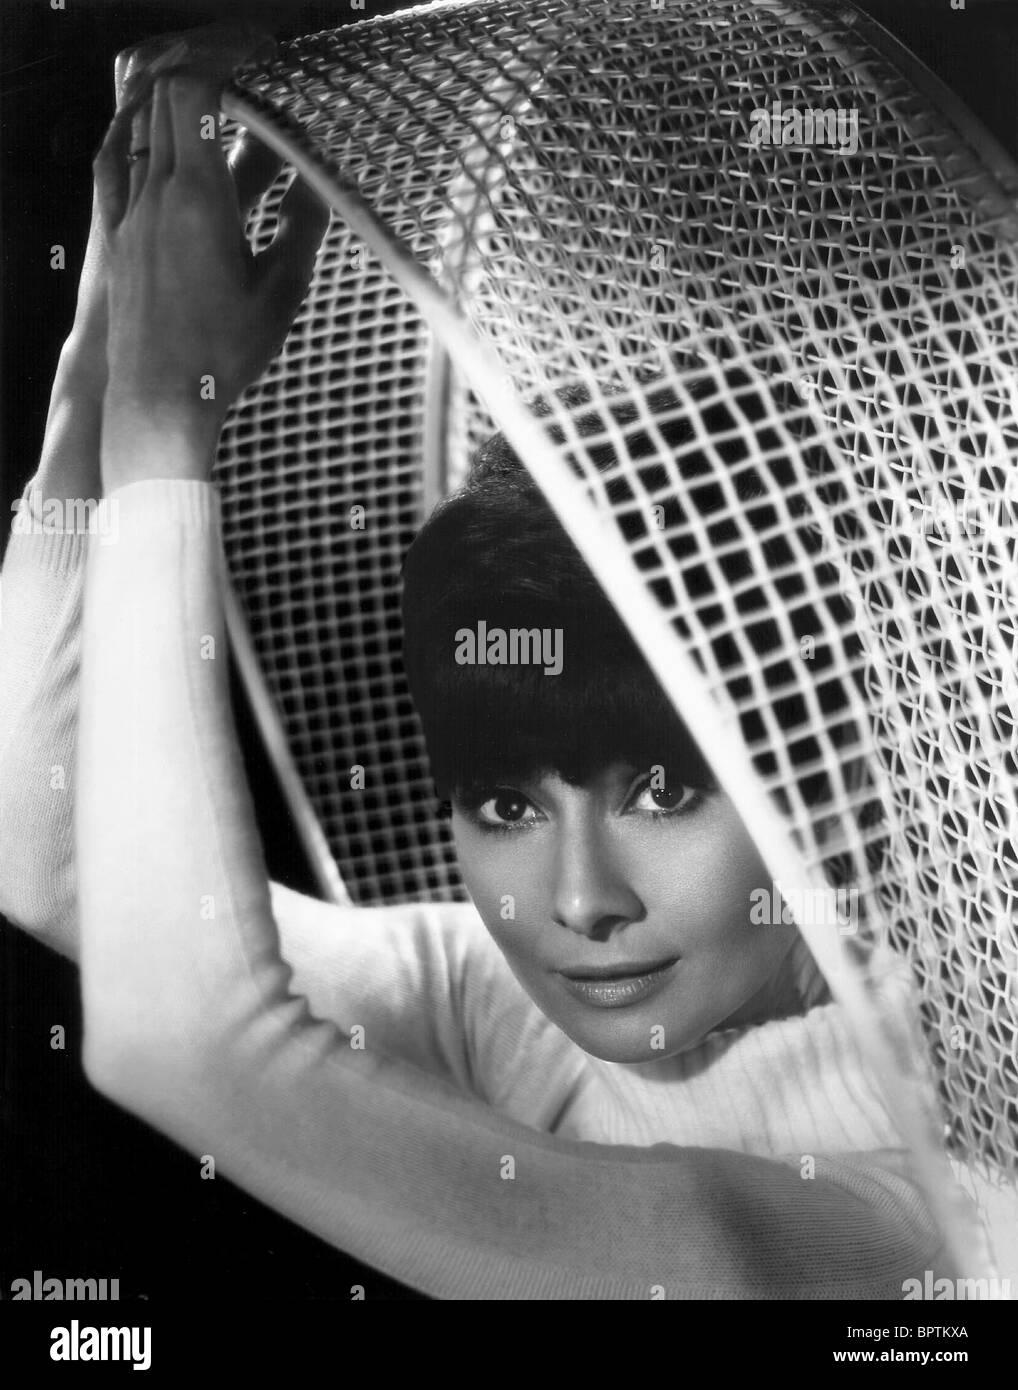 AUDREY HEPBURN ACTRESS (1963) - Stock Image